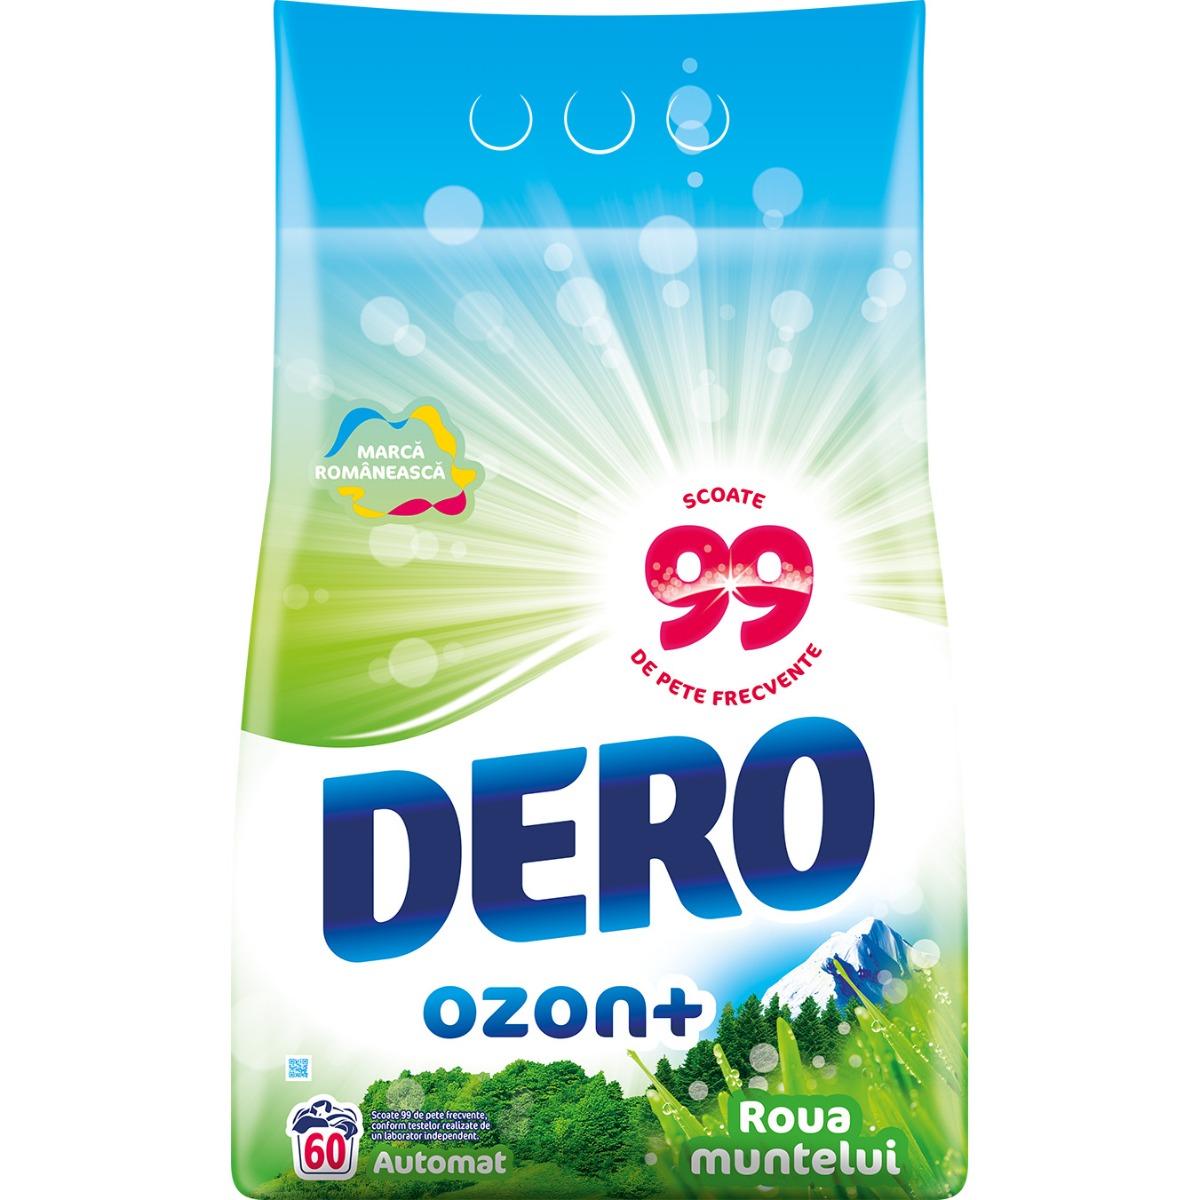 Detergent automat Dero Ozon+ Roua Muntelui, 60 spalari, 6 kg